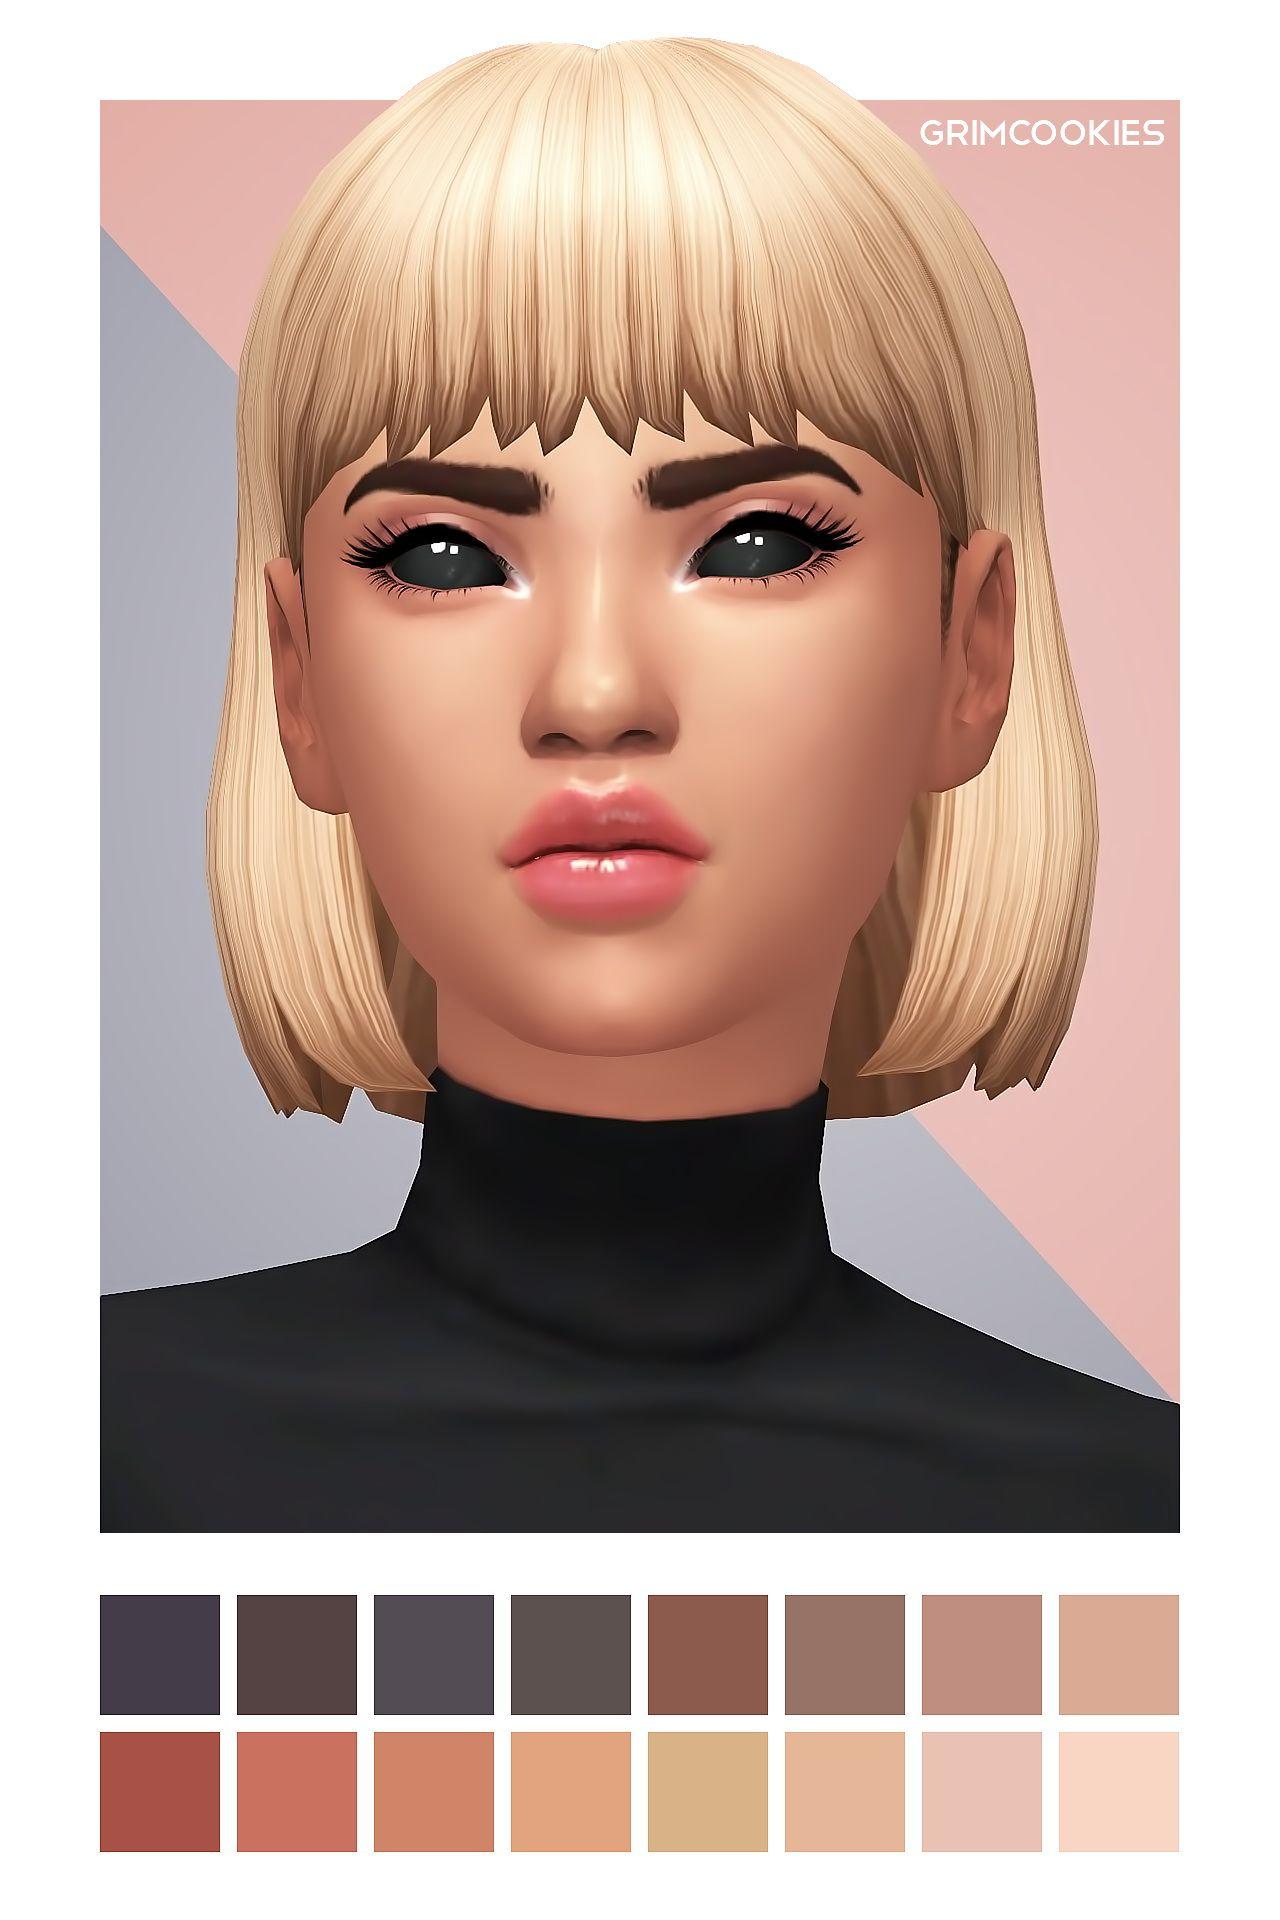 Grimcookies Jessie Bob Sims 4 Hairs Sims Hair Short Hair Styles Sims 4